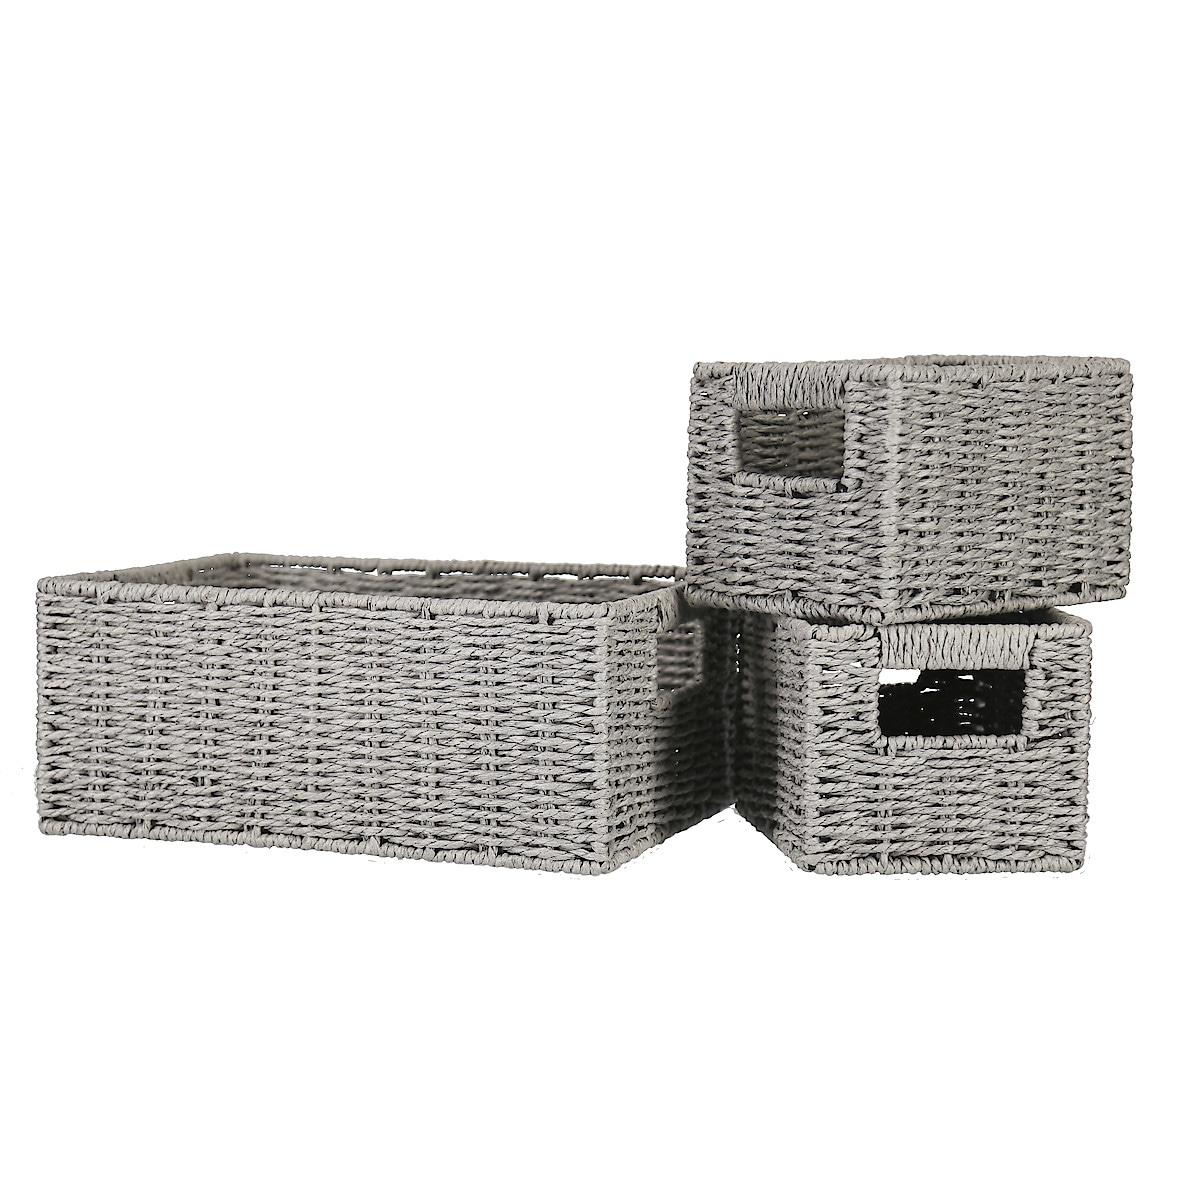 Set of 3 Baskets